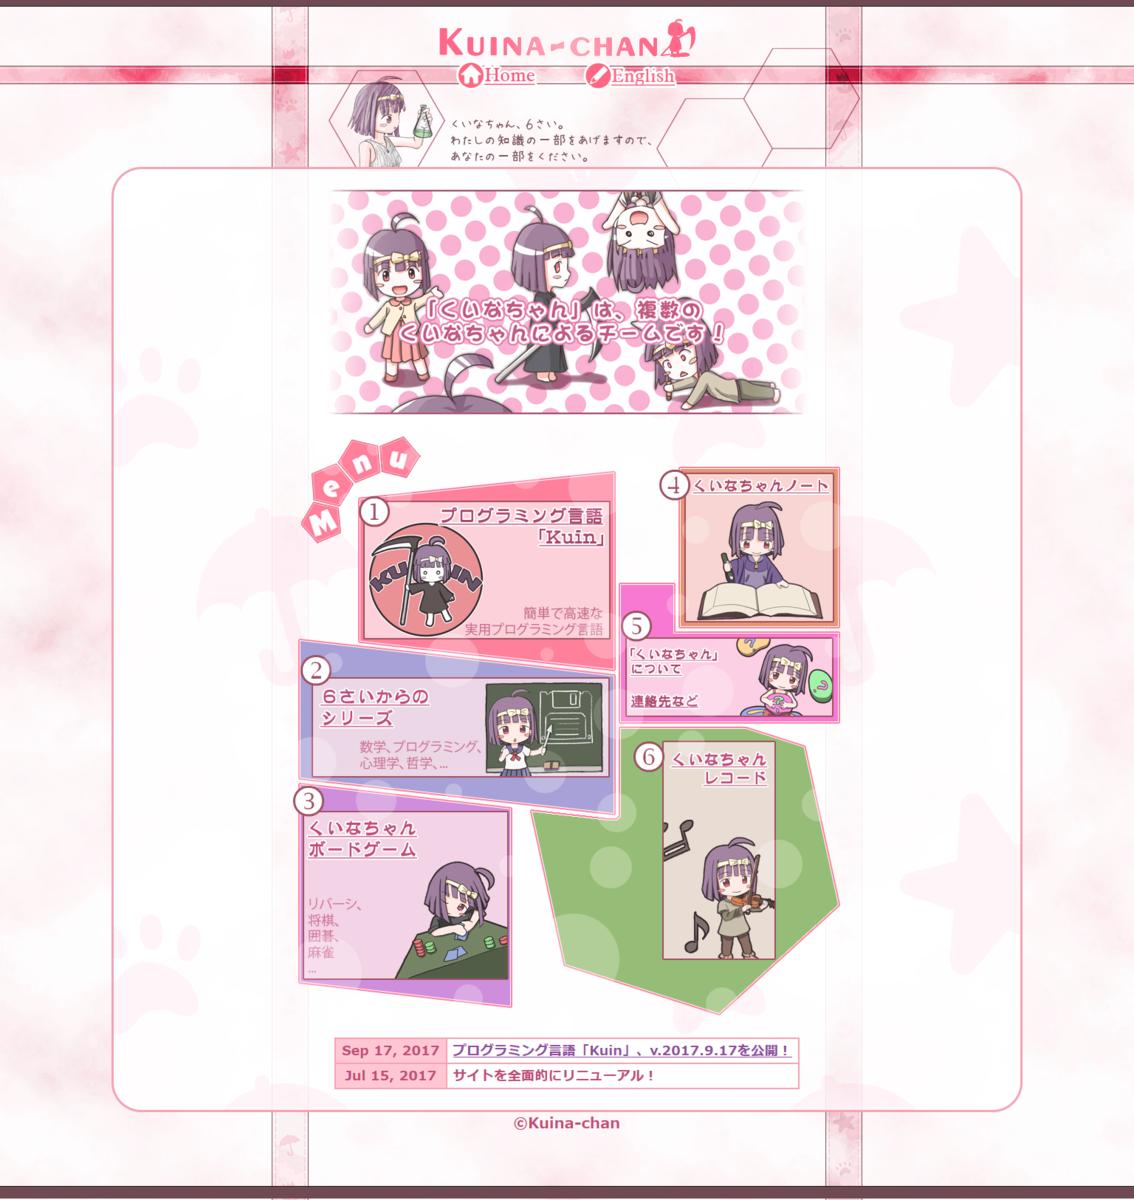 f:id:konosumi:20190401014756p:plain